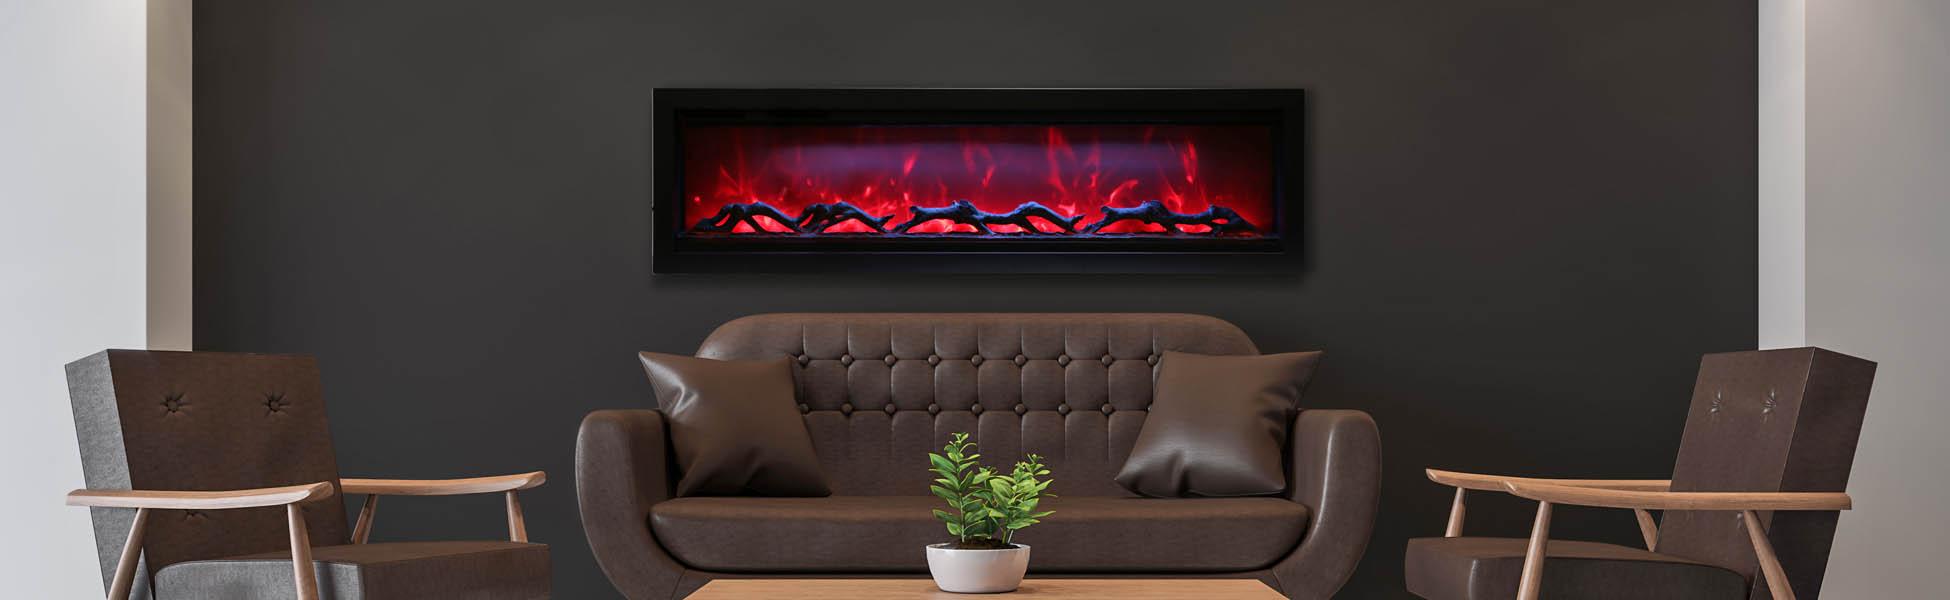 SYM-60 electric fireplace